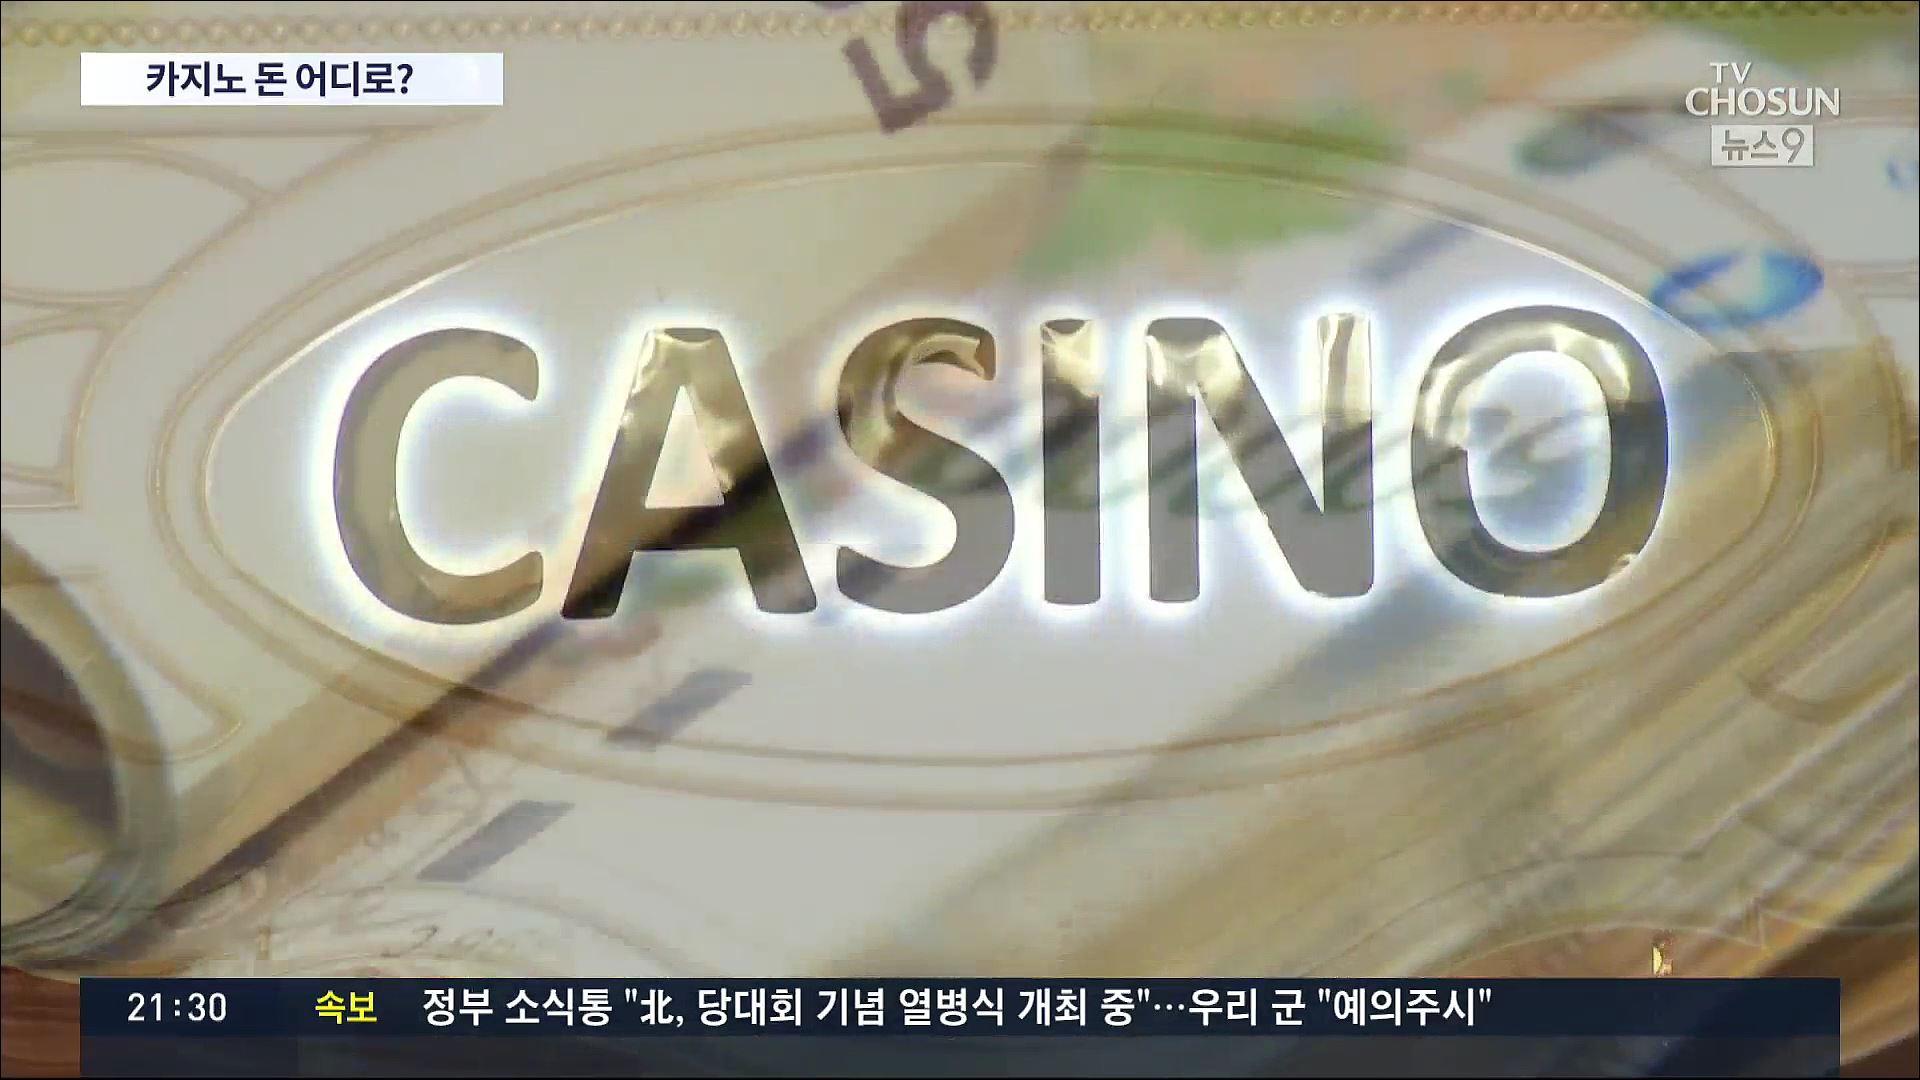 '145억 증발' 제주 카지노서 의문의 돈뭉치 발견…출처 미궁